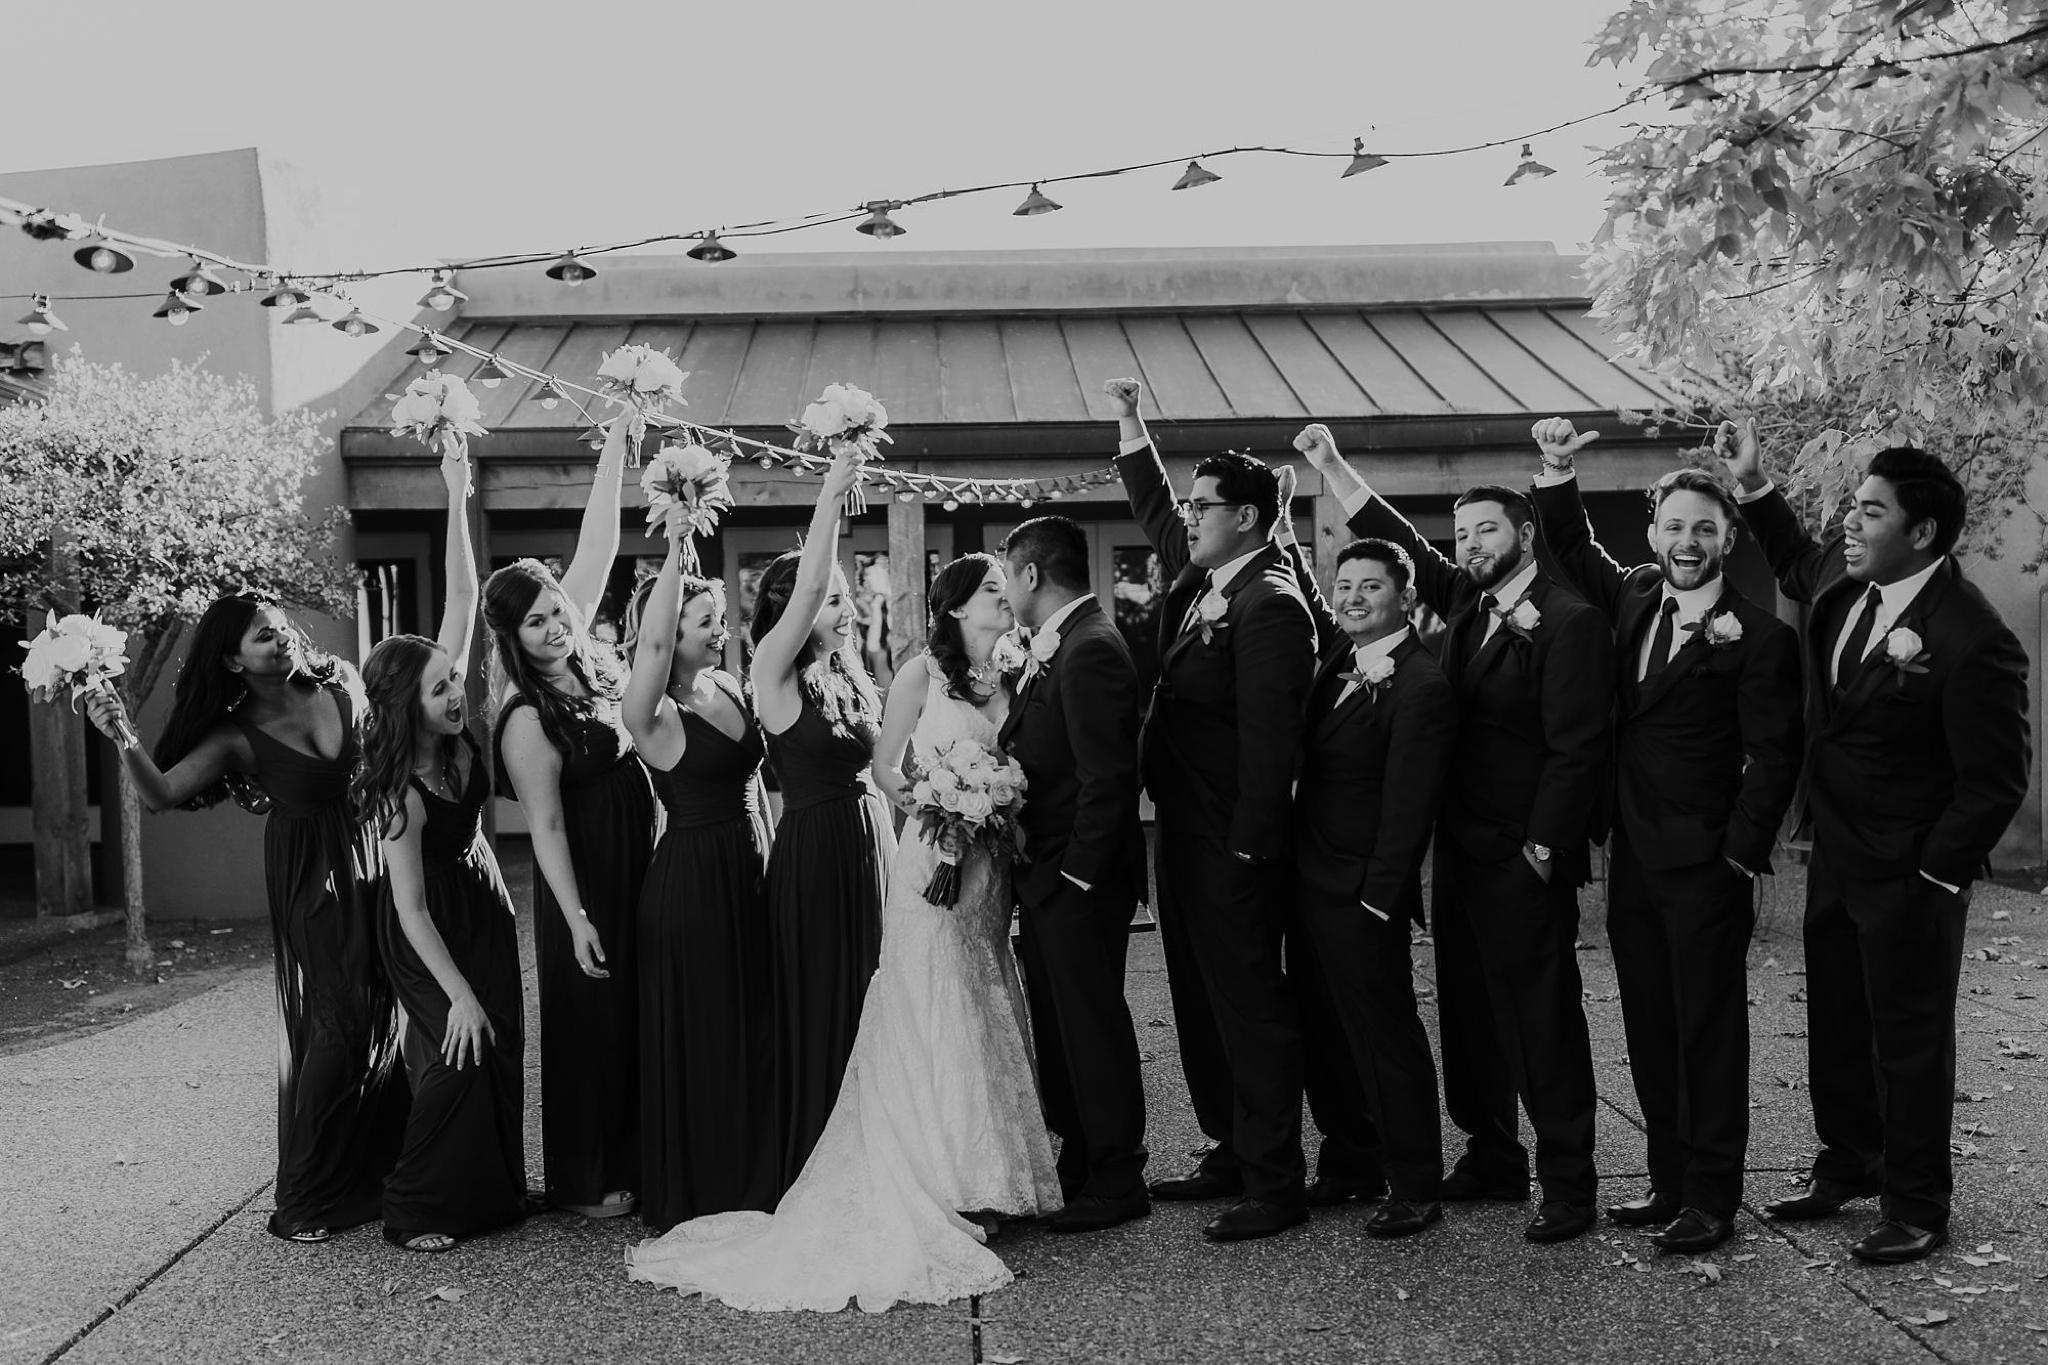 Alicia+lucia+photography+-+albuquerque+wedding+photographer+-+santa+fe+wedding+photography+-+new+mexico+wedding+photographer+-+new+mexico+wedding+-+wedding+photographer+-+wedding+photographer+team_0023.jpg